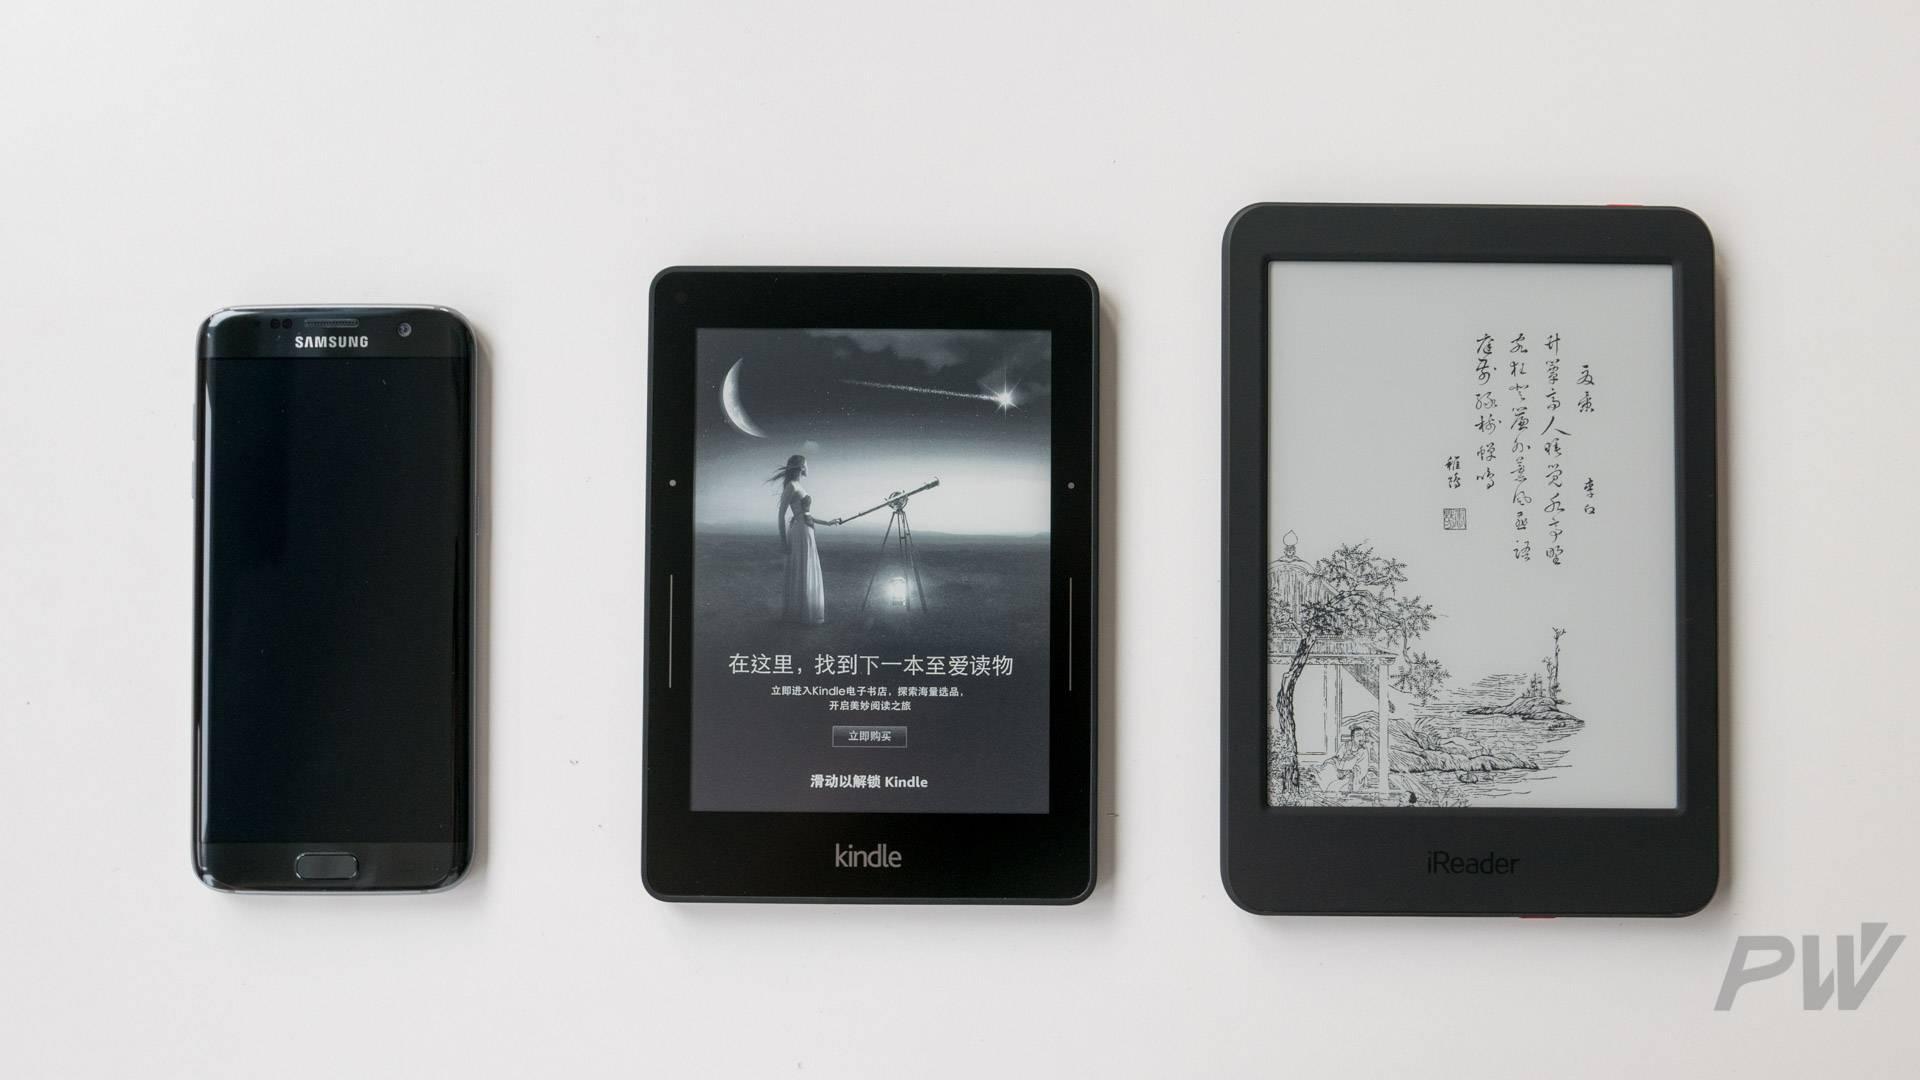 iReader Plus 和 Kindle Voyage、Galaxy S7 edge 对比